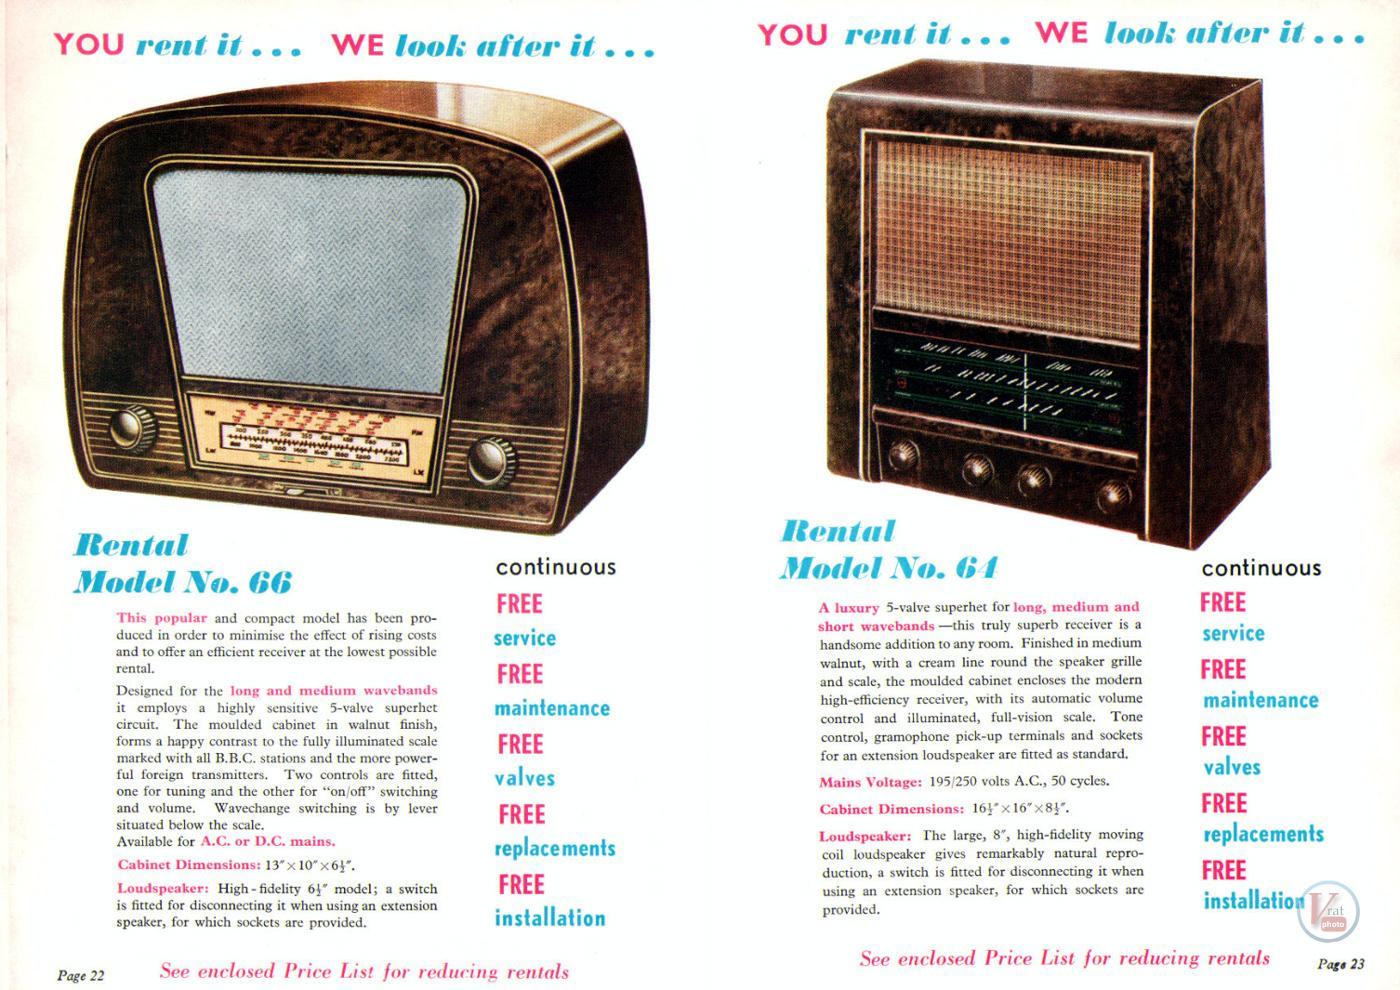 1957 Radio Rentals Catalogue 86